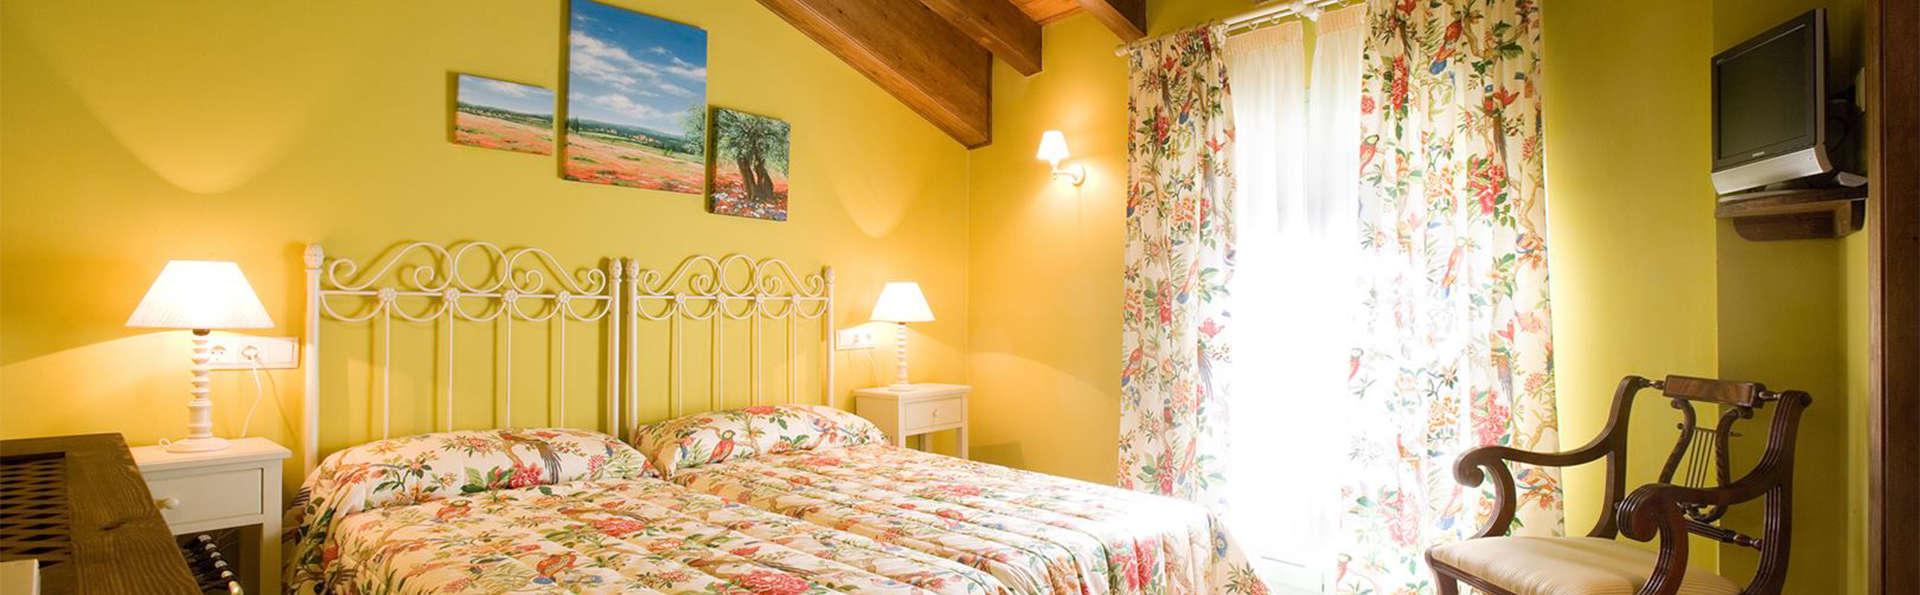 Escapada en un hotel rural con mucho encanto en la región del Somontano